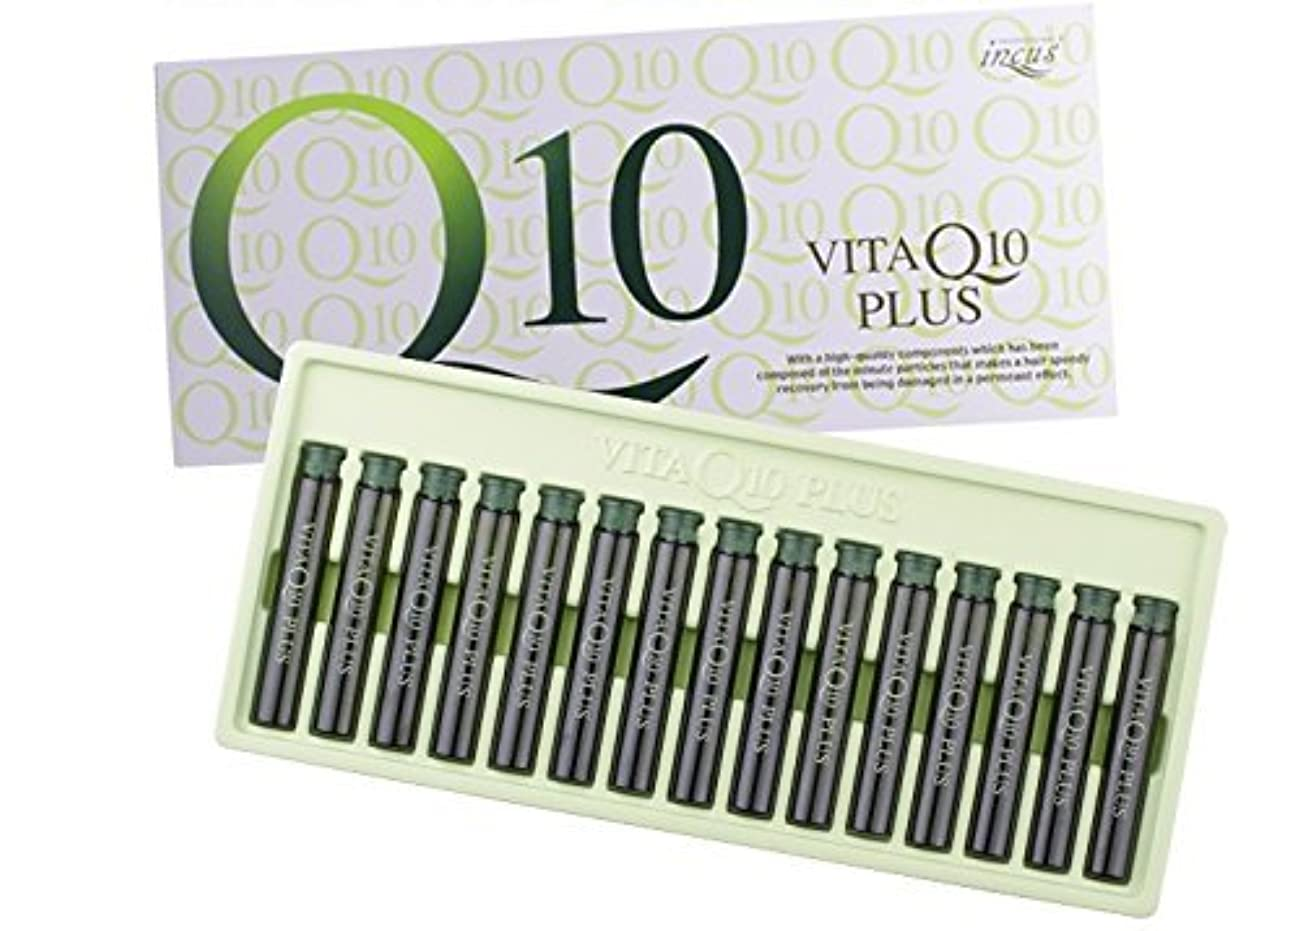 コーヒー咳気絶させるIncus ビタミン Q10 プラス ヘア クリニック アンプル 13ml x 15 (Incus Vita Q10 Plus Hair Clinic ampoules 13ml X 15ea) [並行輸入品]